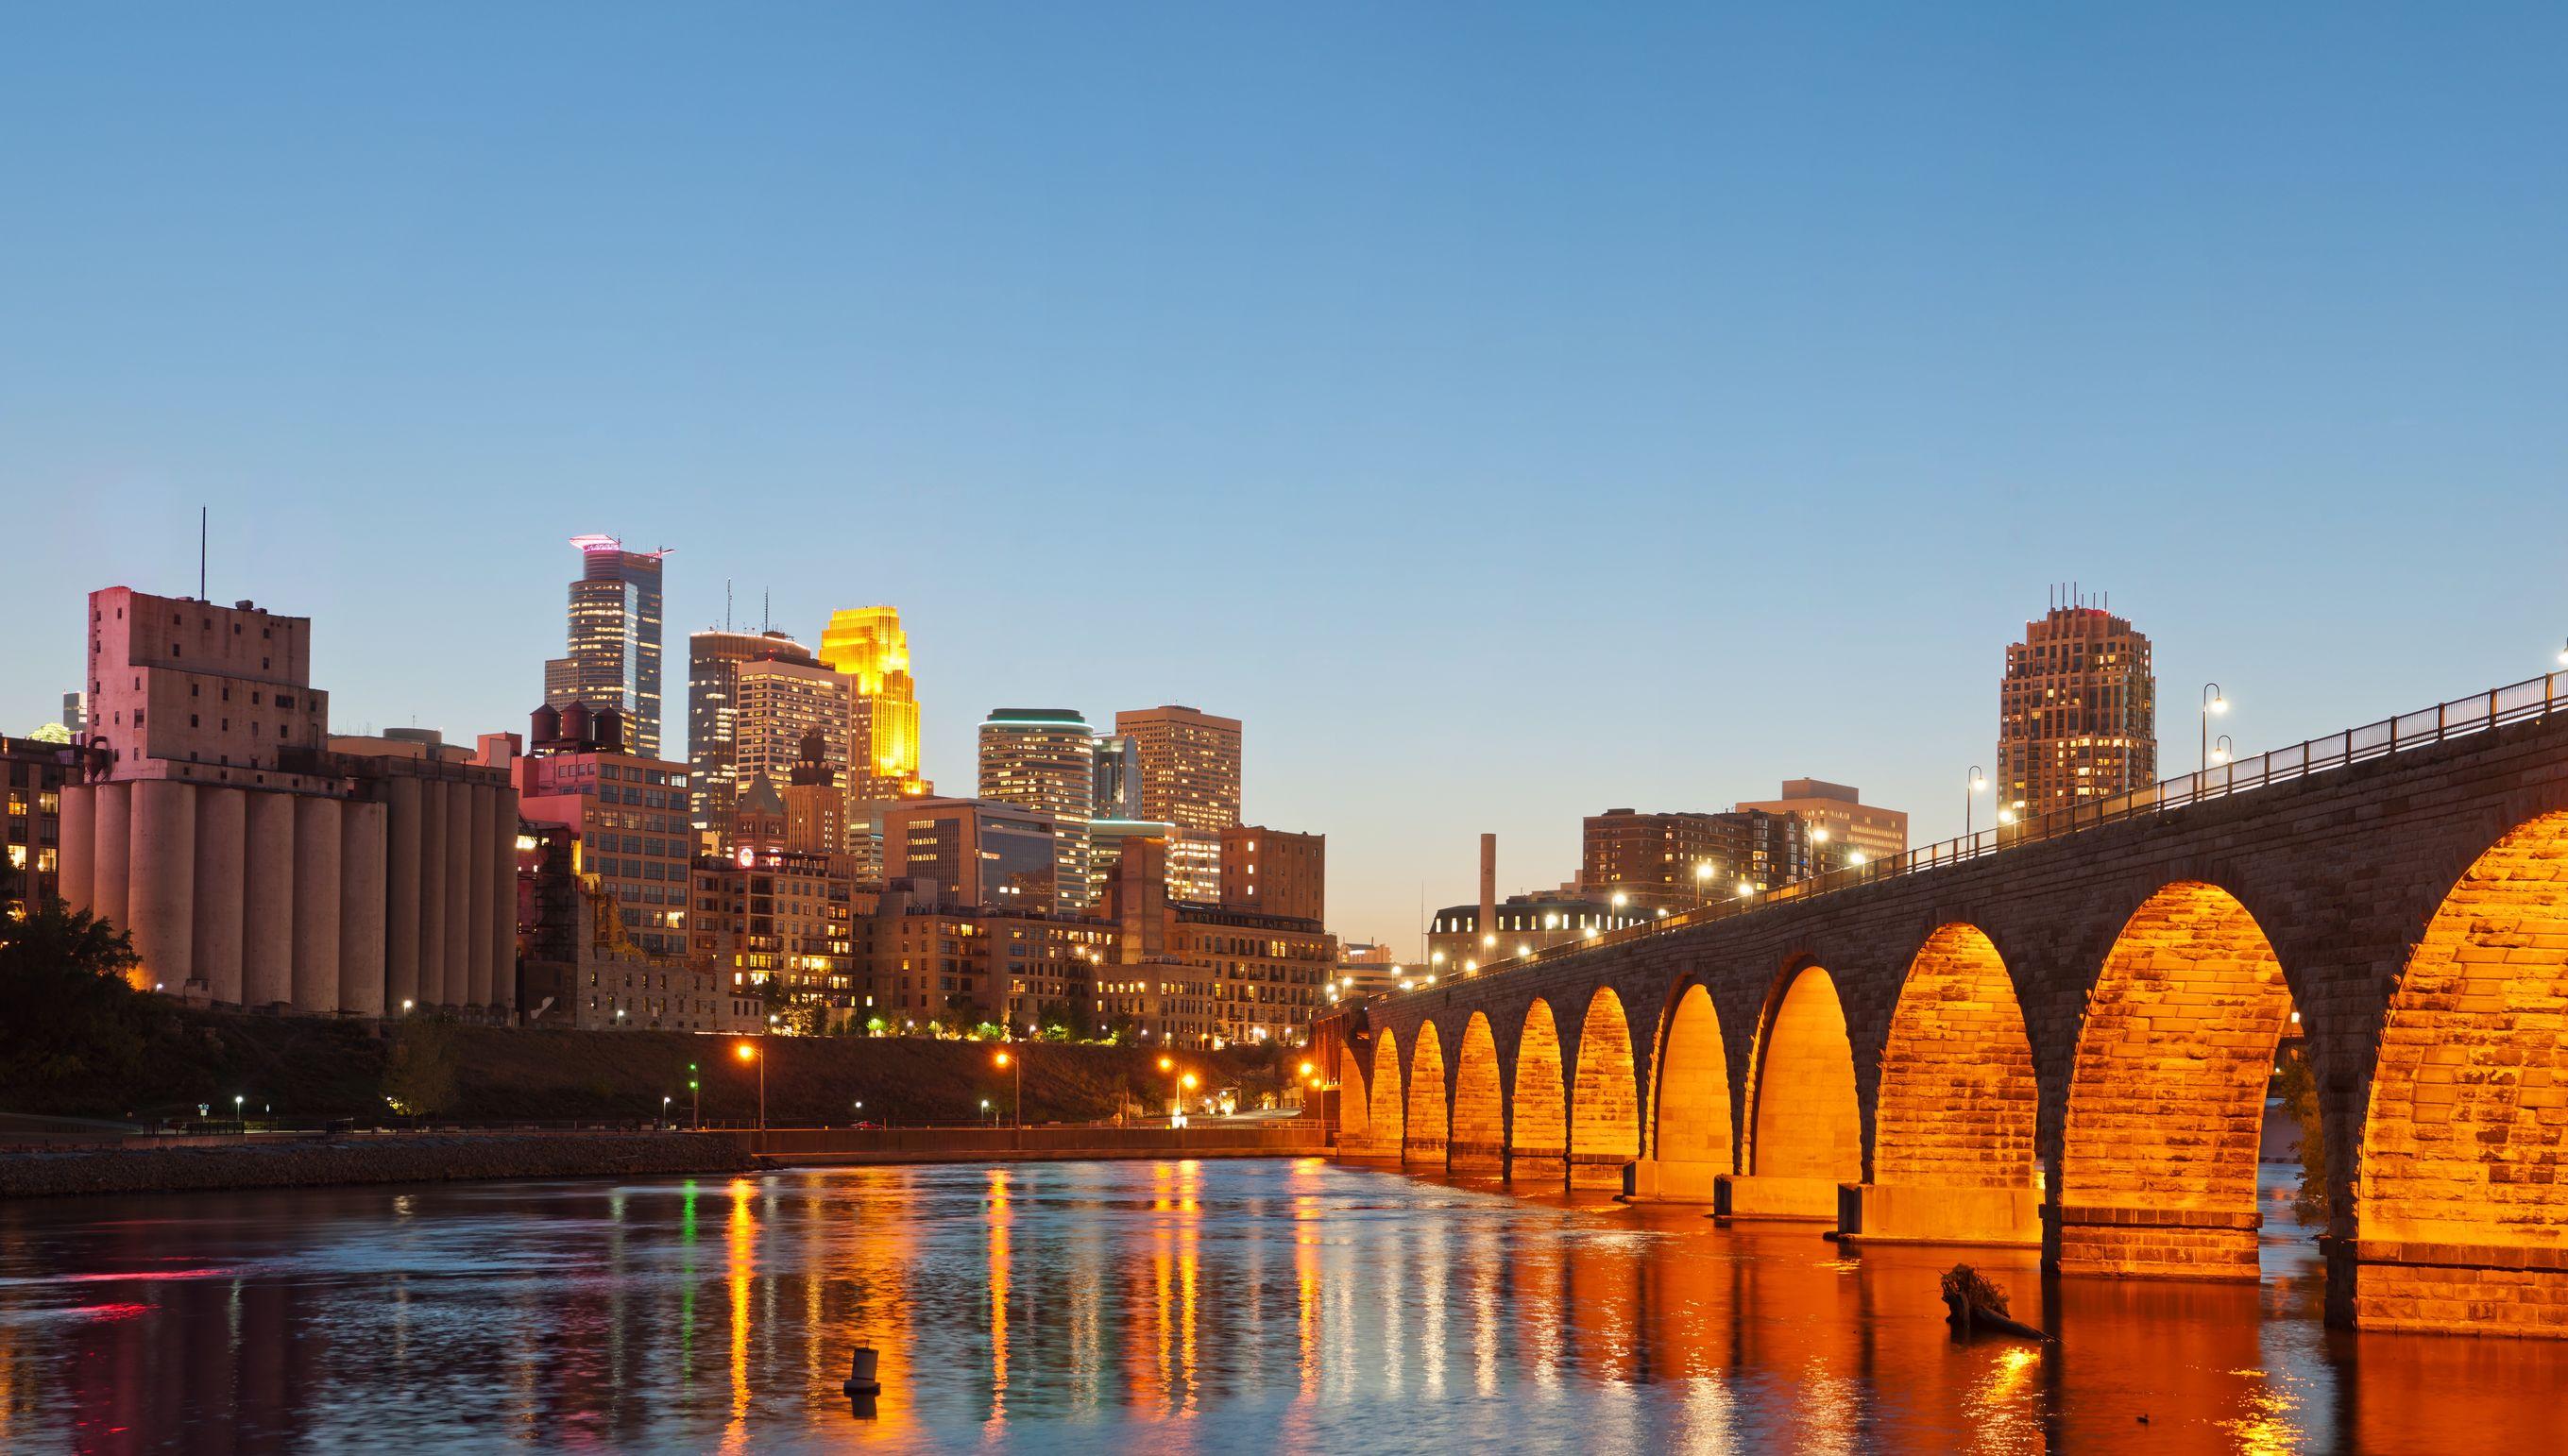 3. Minneapolis